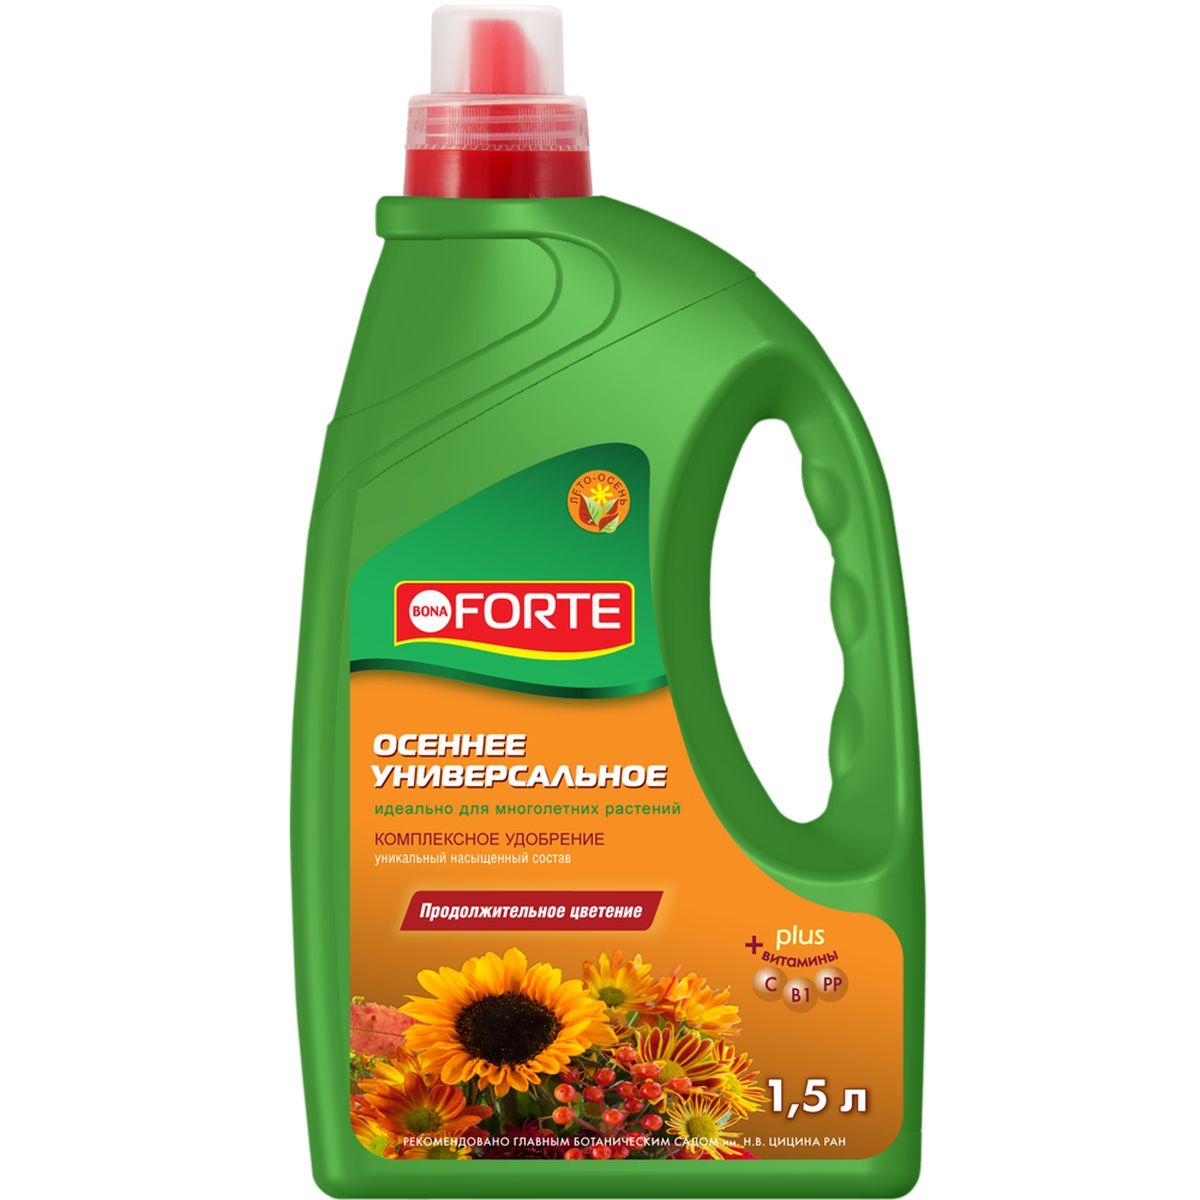 Жидкое комплексное удобрение Bona Forte, универсальное осеннее, 1,5 л09840-20.000.00Жидкое комплексное осеннее универсальное удобрение Bona Forte предназначено для декоративных кустарников и многолетних растений открытого грунта. Обеспечивает продолжительное цветение. Имеет в составе все необходимые микроэлементы. Состав: азот 0%, фосфор 7%, калий 5%, магний 0,3%, железо 0,005%, марганец 0,005%, бор 0,002%, цинк 0,002%, медь 0,0004%, молибден 0,0004%, кобальт 0,0002%; биологически активные вещества: витамины (С, В1, РР) и янтарная кислота. Товар сертифицирован.